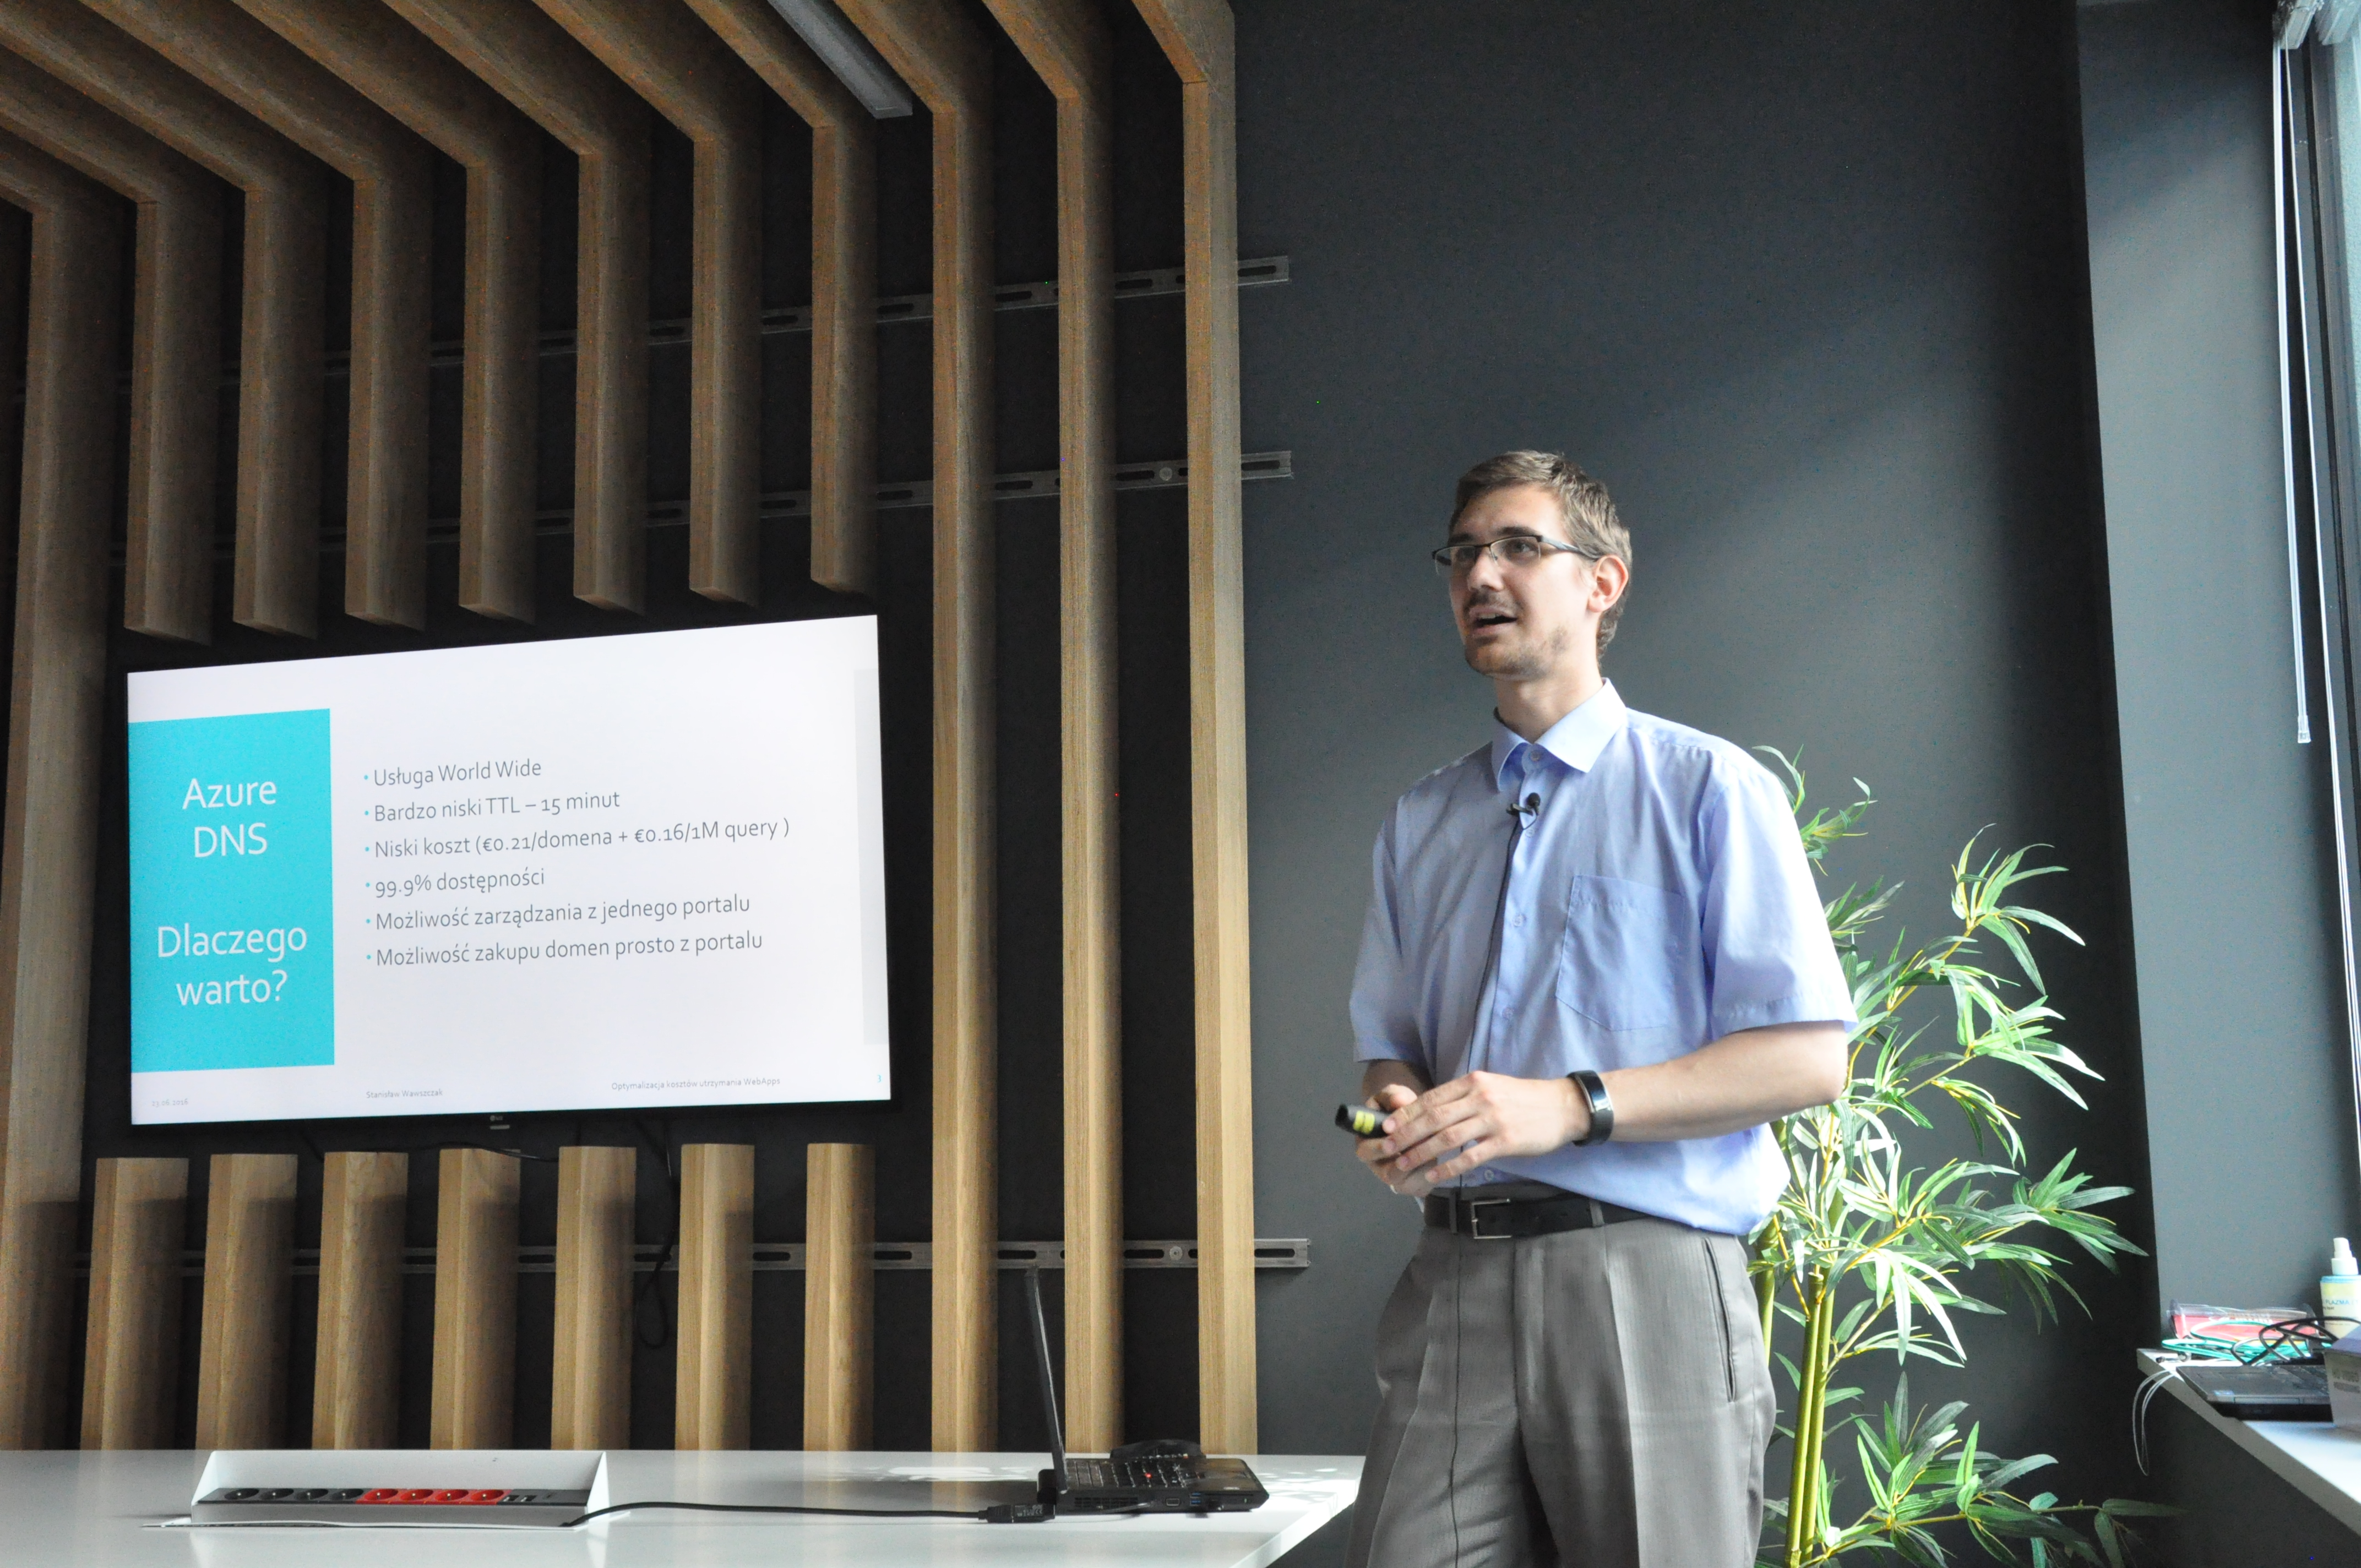 Stanisław Wawszczak przedstawia prezentację